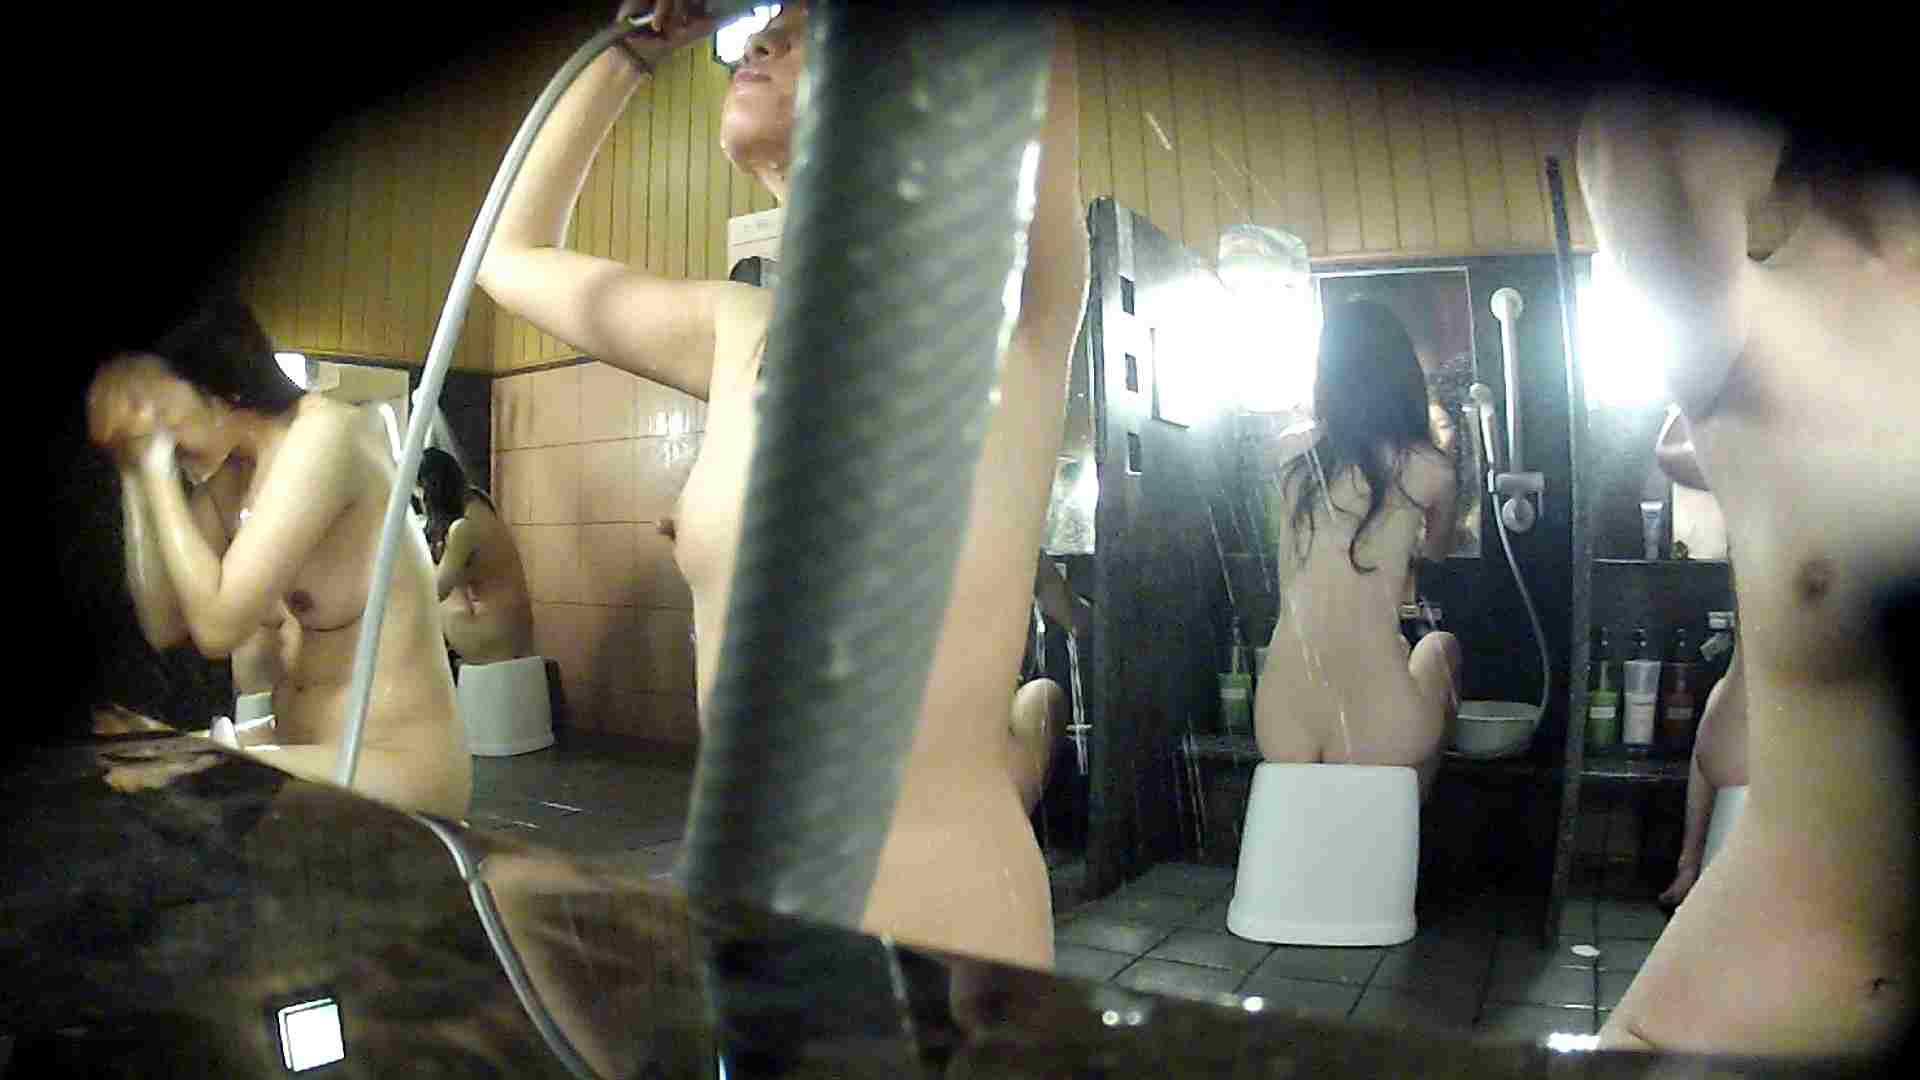 洗い場!ホースが邪魔ですが4体の身体を楽しめるお得な作品 高画質  79画像 70